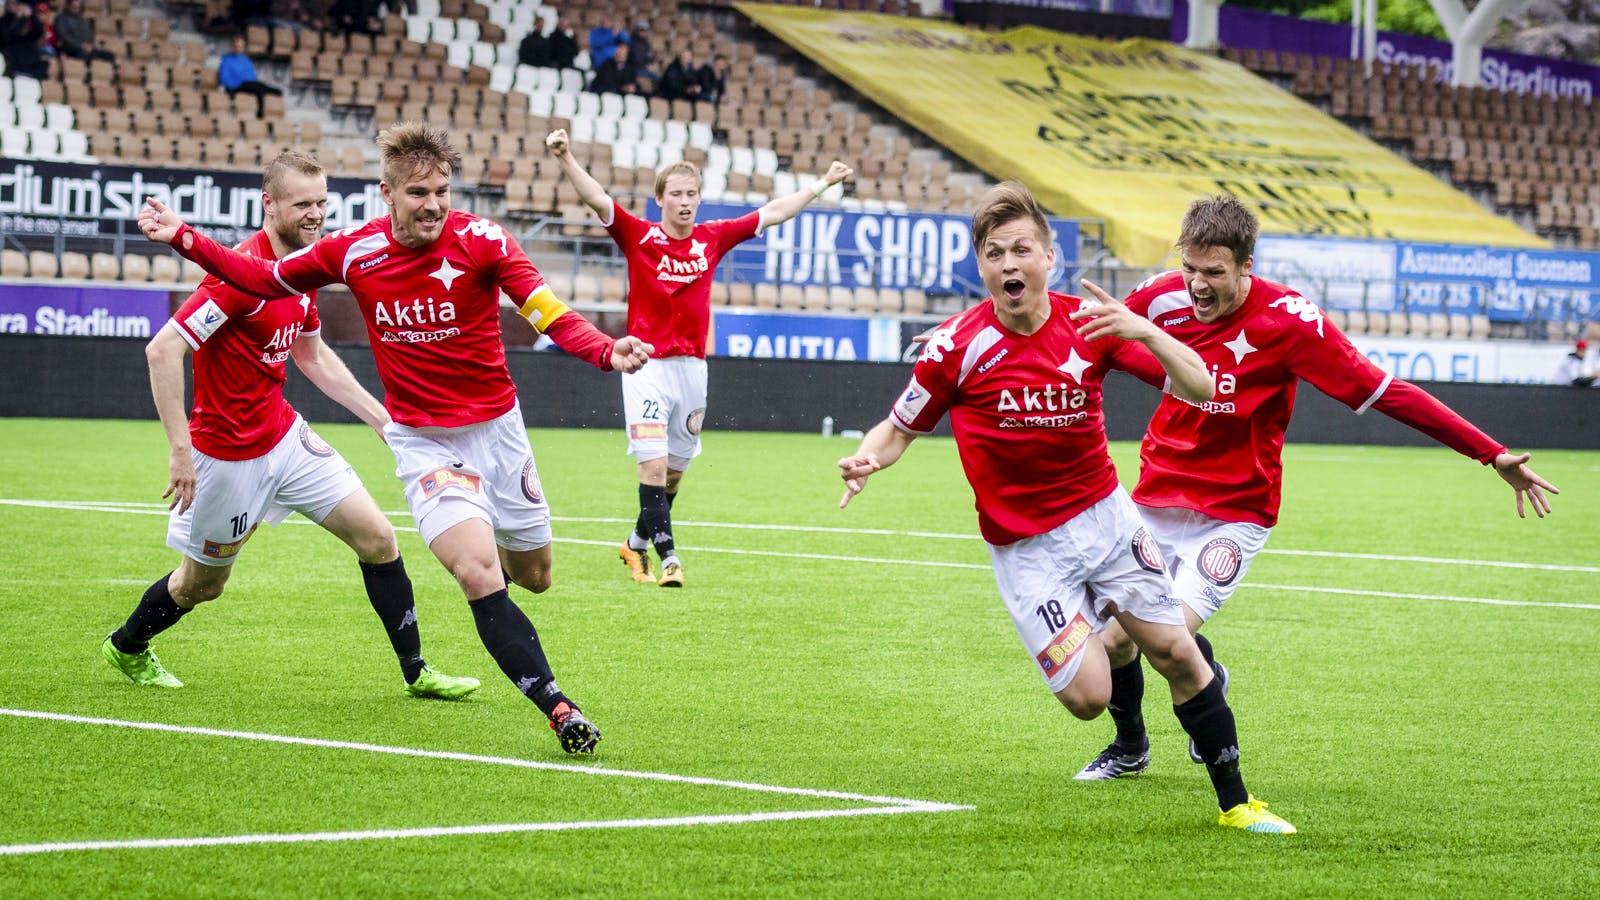 Matias Hänninen tuulettaa ensimmäistä liigamaaliaan 18. kesäkuuta pelatussa ottelussa FC Lahtea vastaan. Kuva: Riku Laukkanen